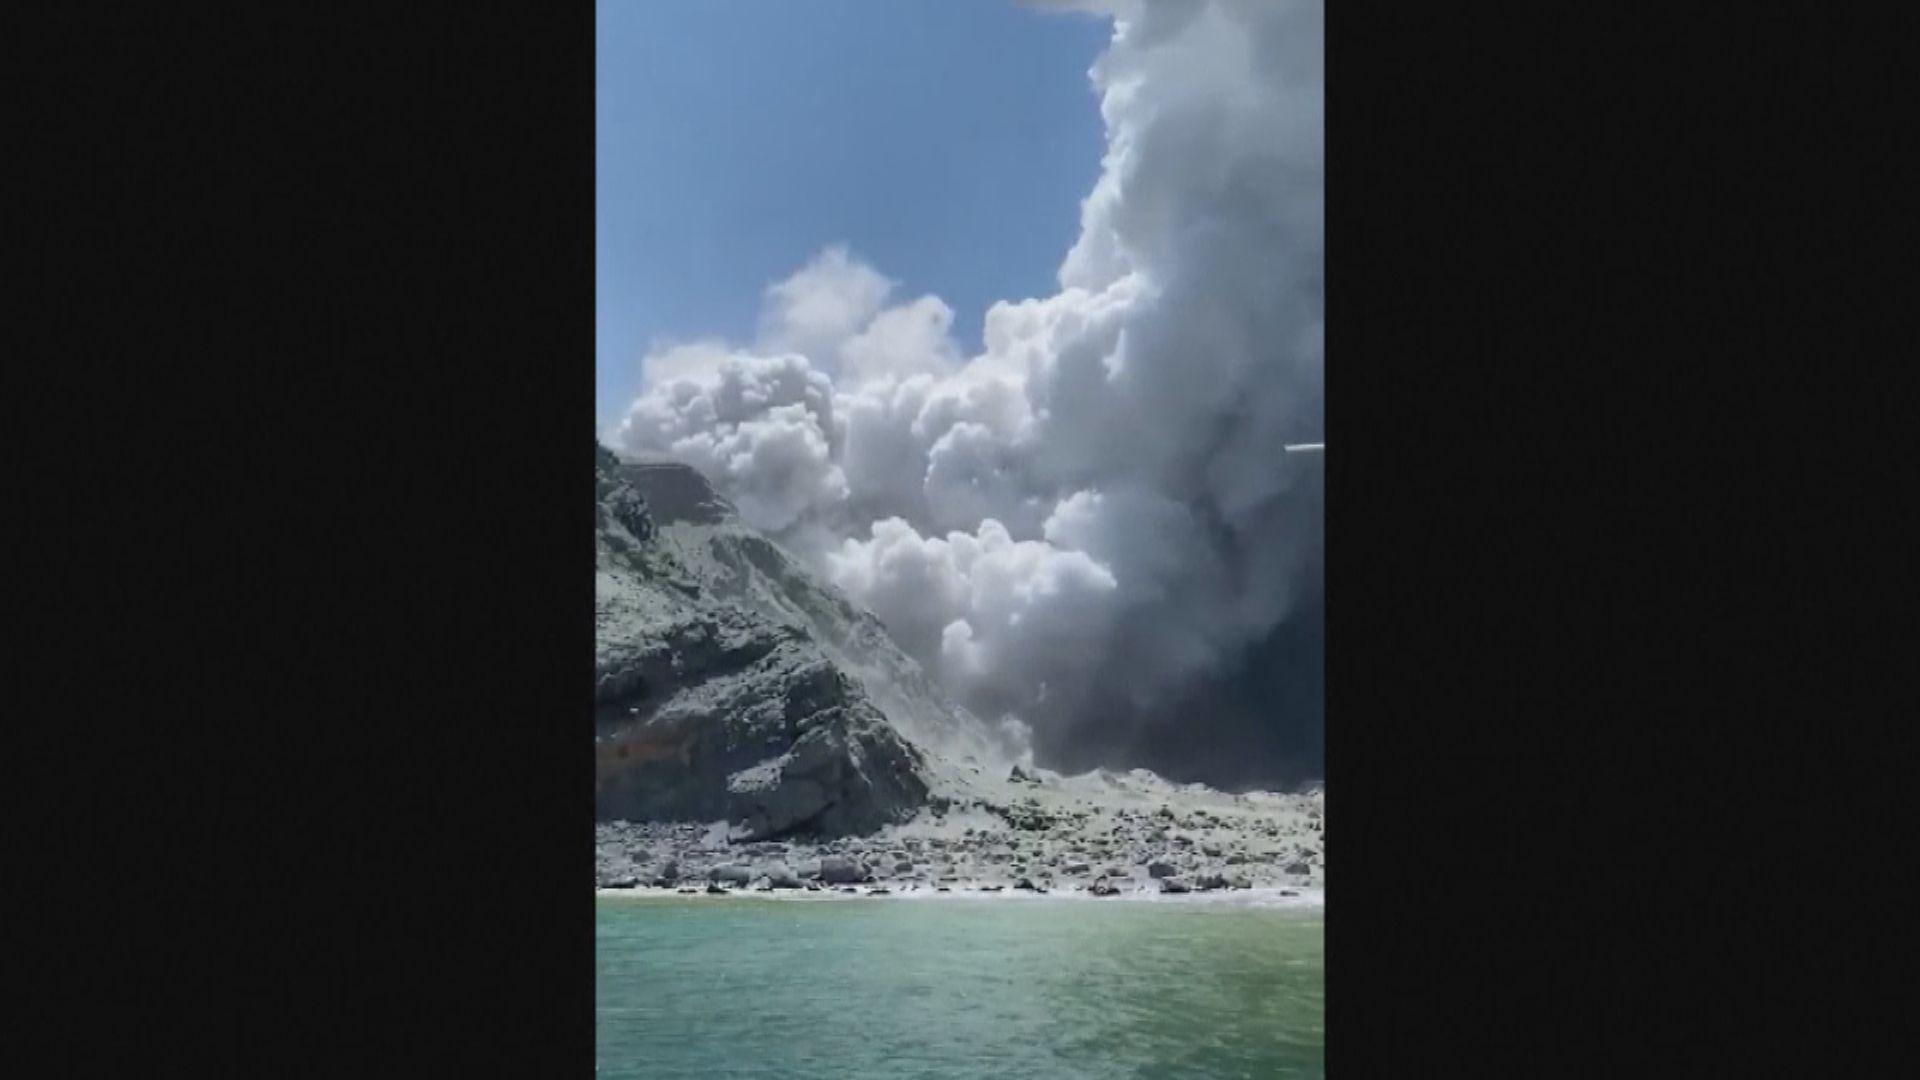 新西蘭懷特島火山爆發五死多傷 失蹤者包括中國人